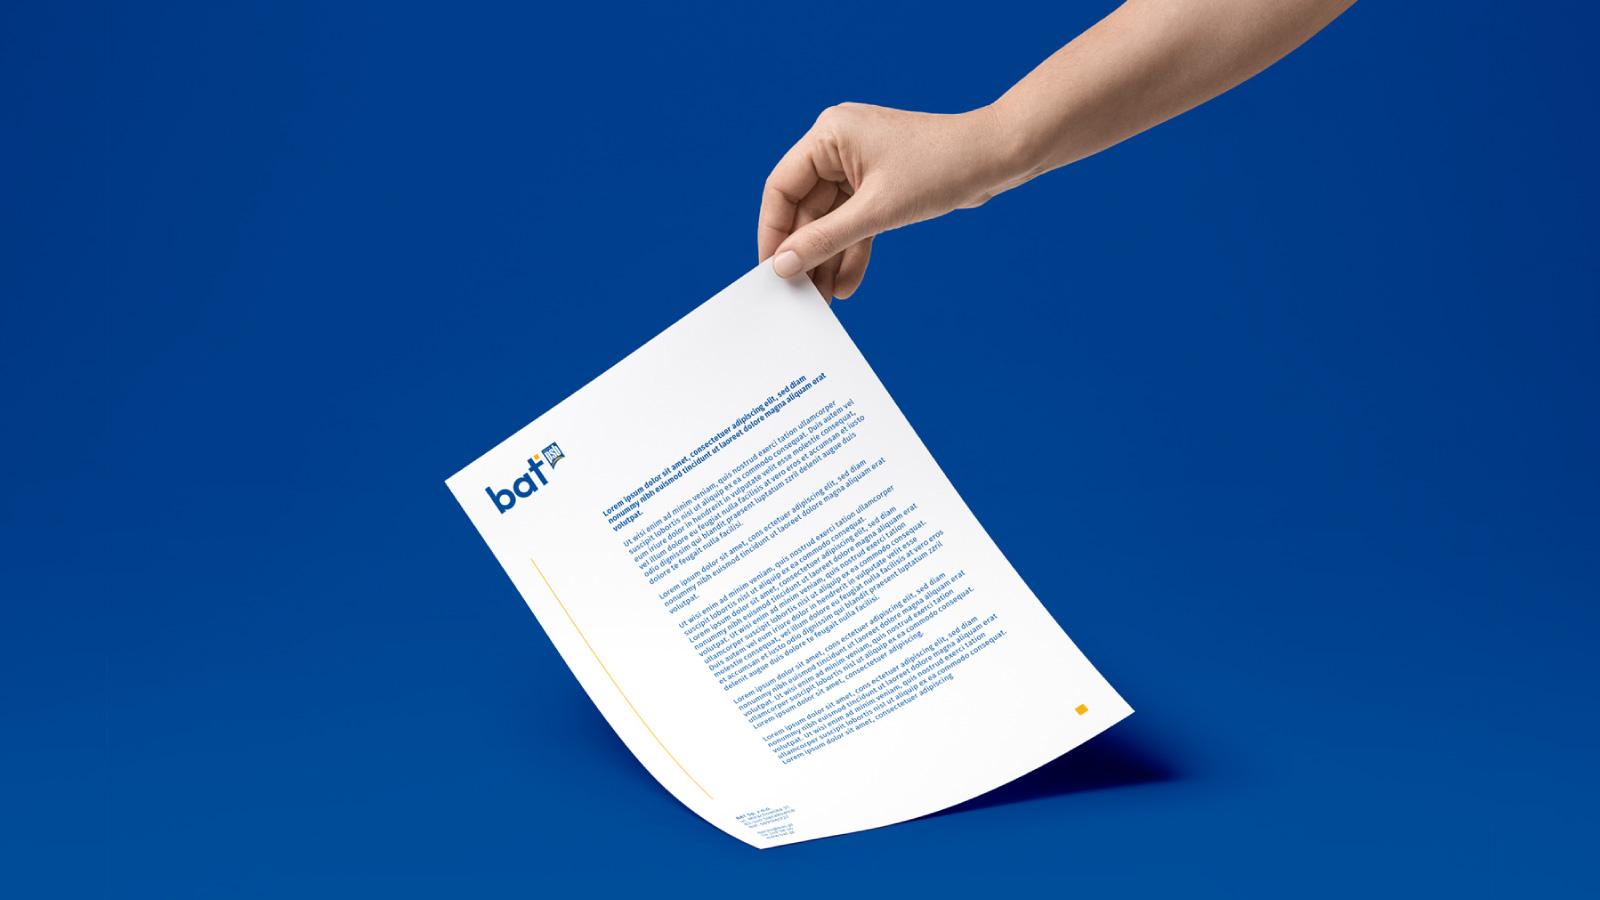 bat identyfikacja wizualna papier firmowy